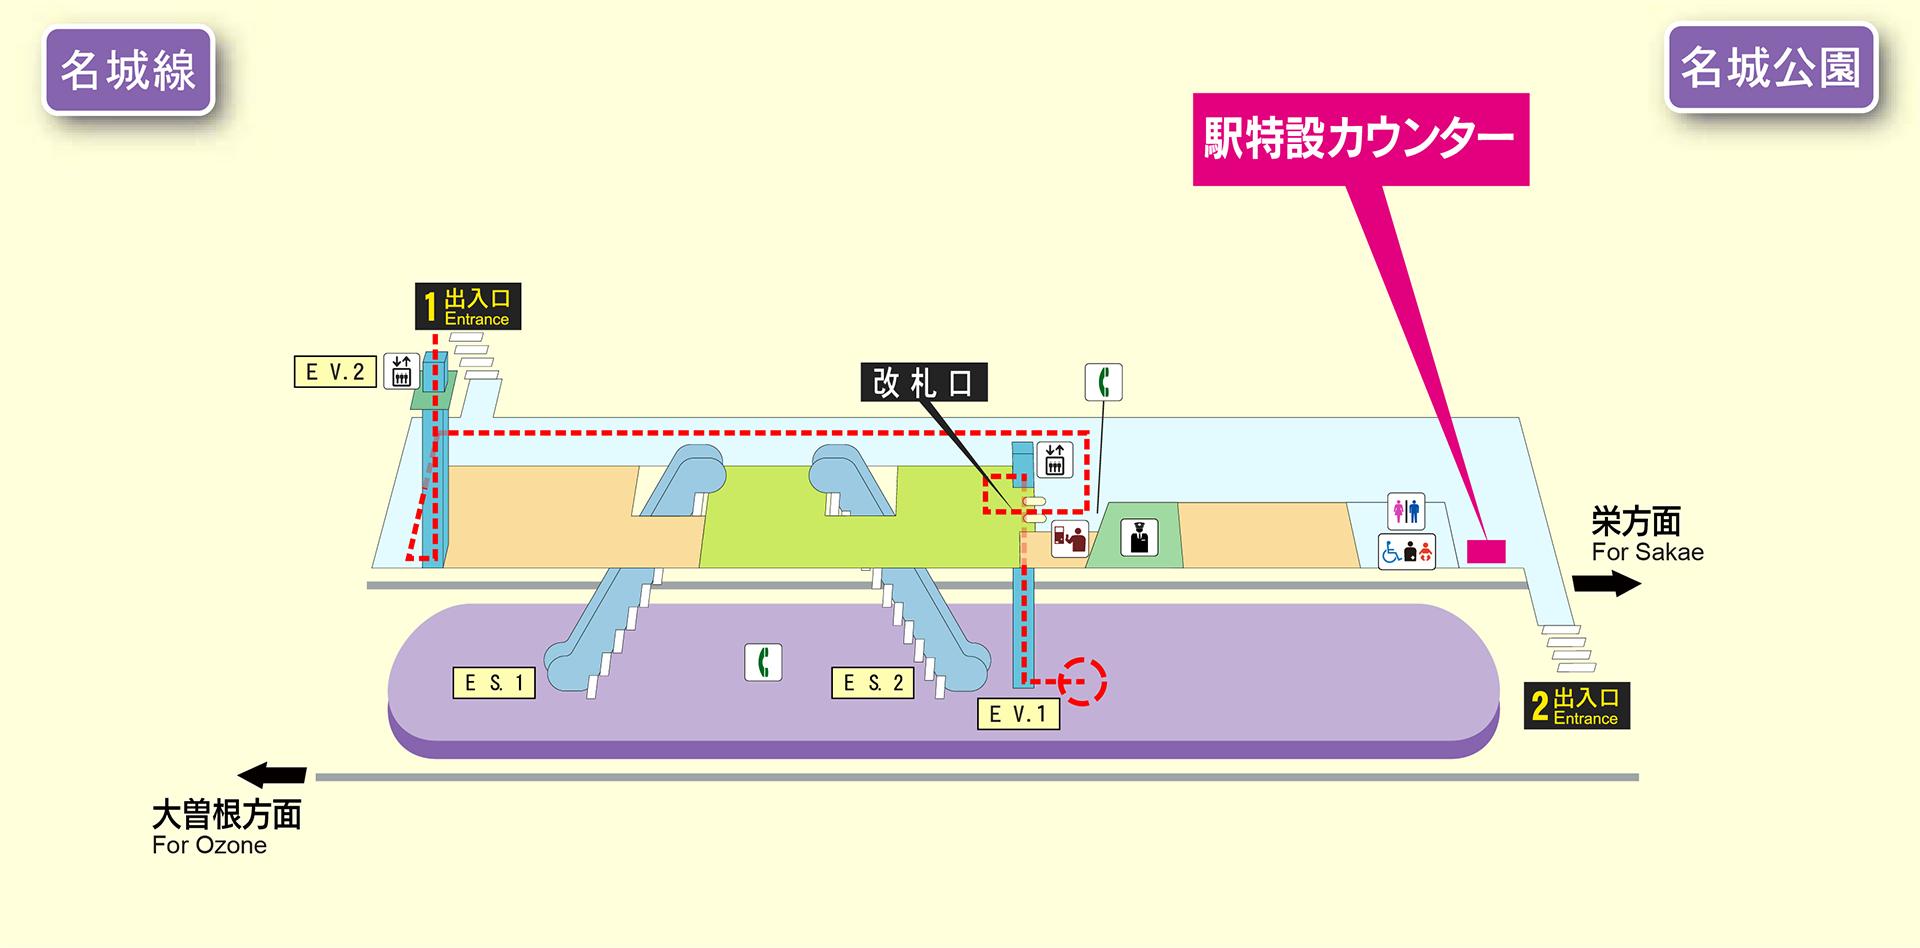 3/7(日)限定<br>名城公園駅特設カウンター受付日程